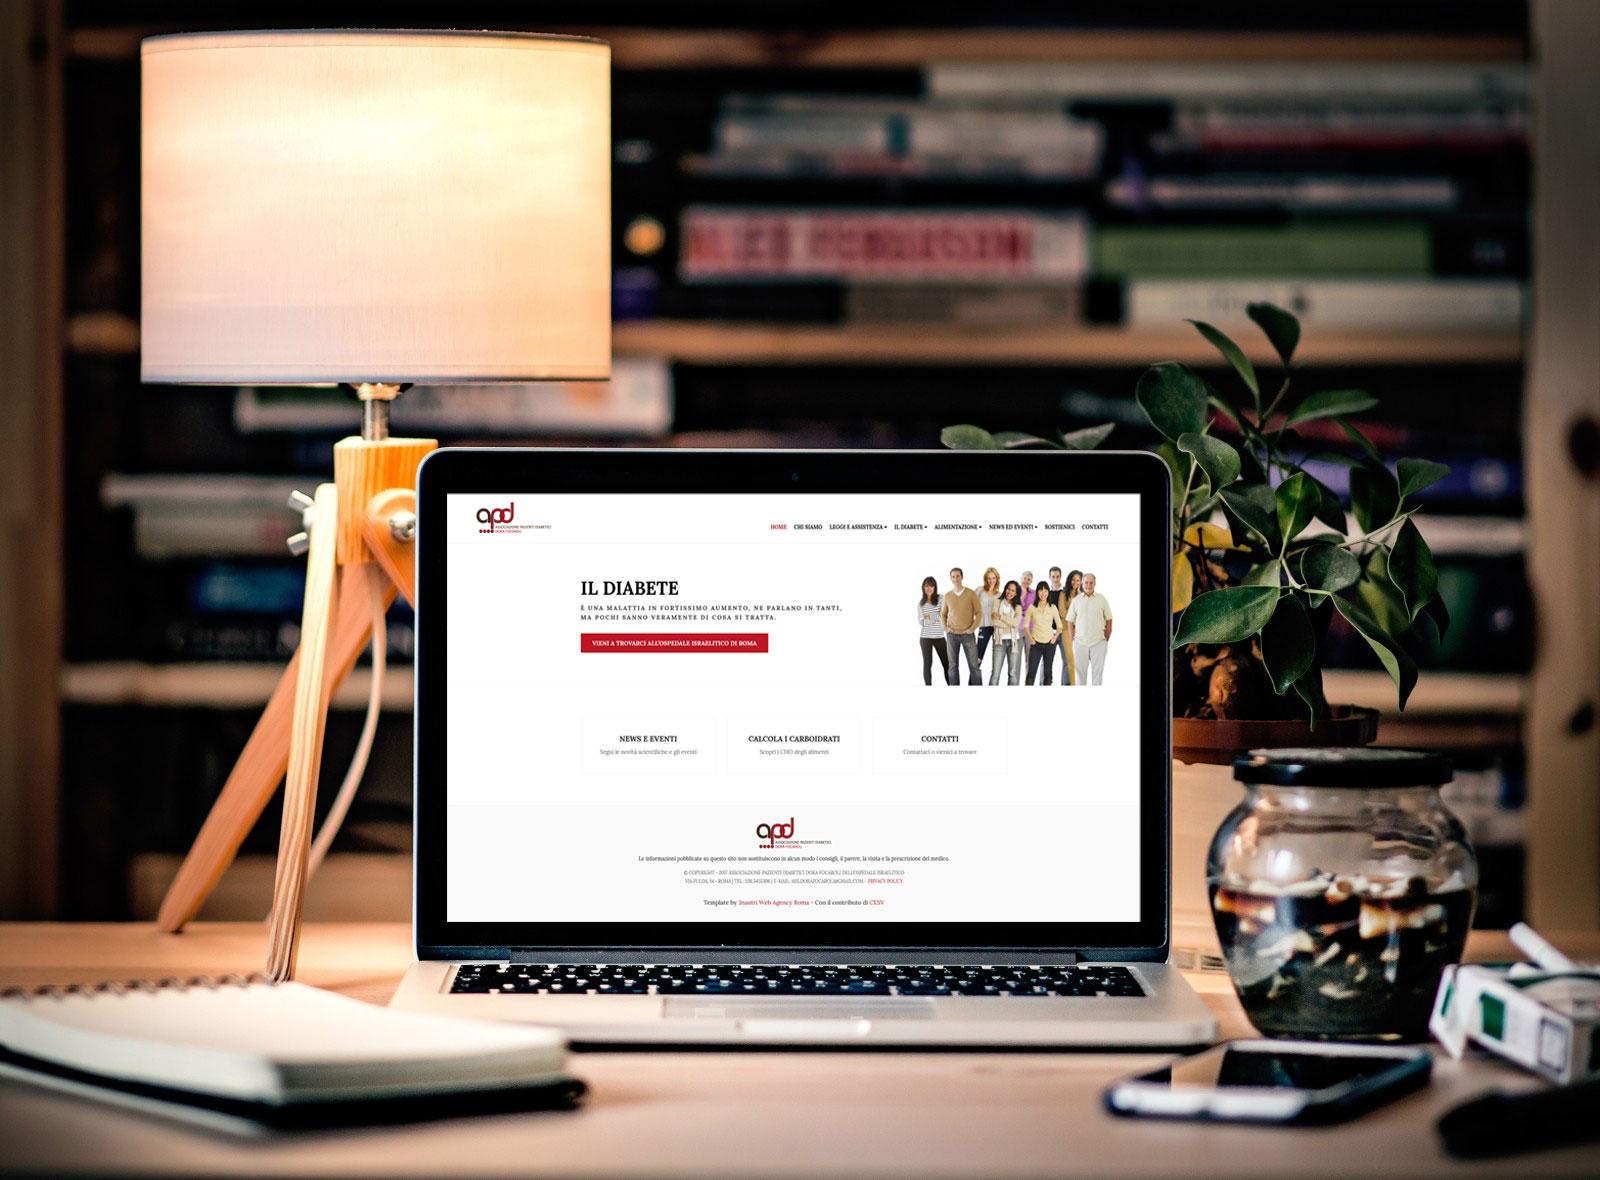 creare-sito-web-per-associazione-(11)